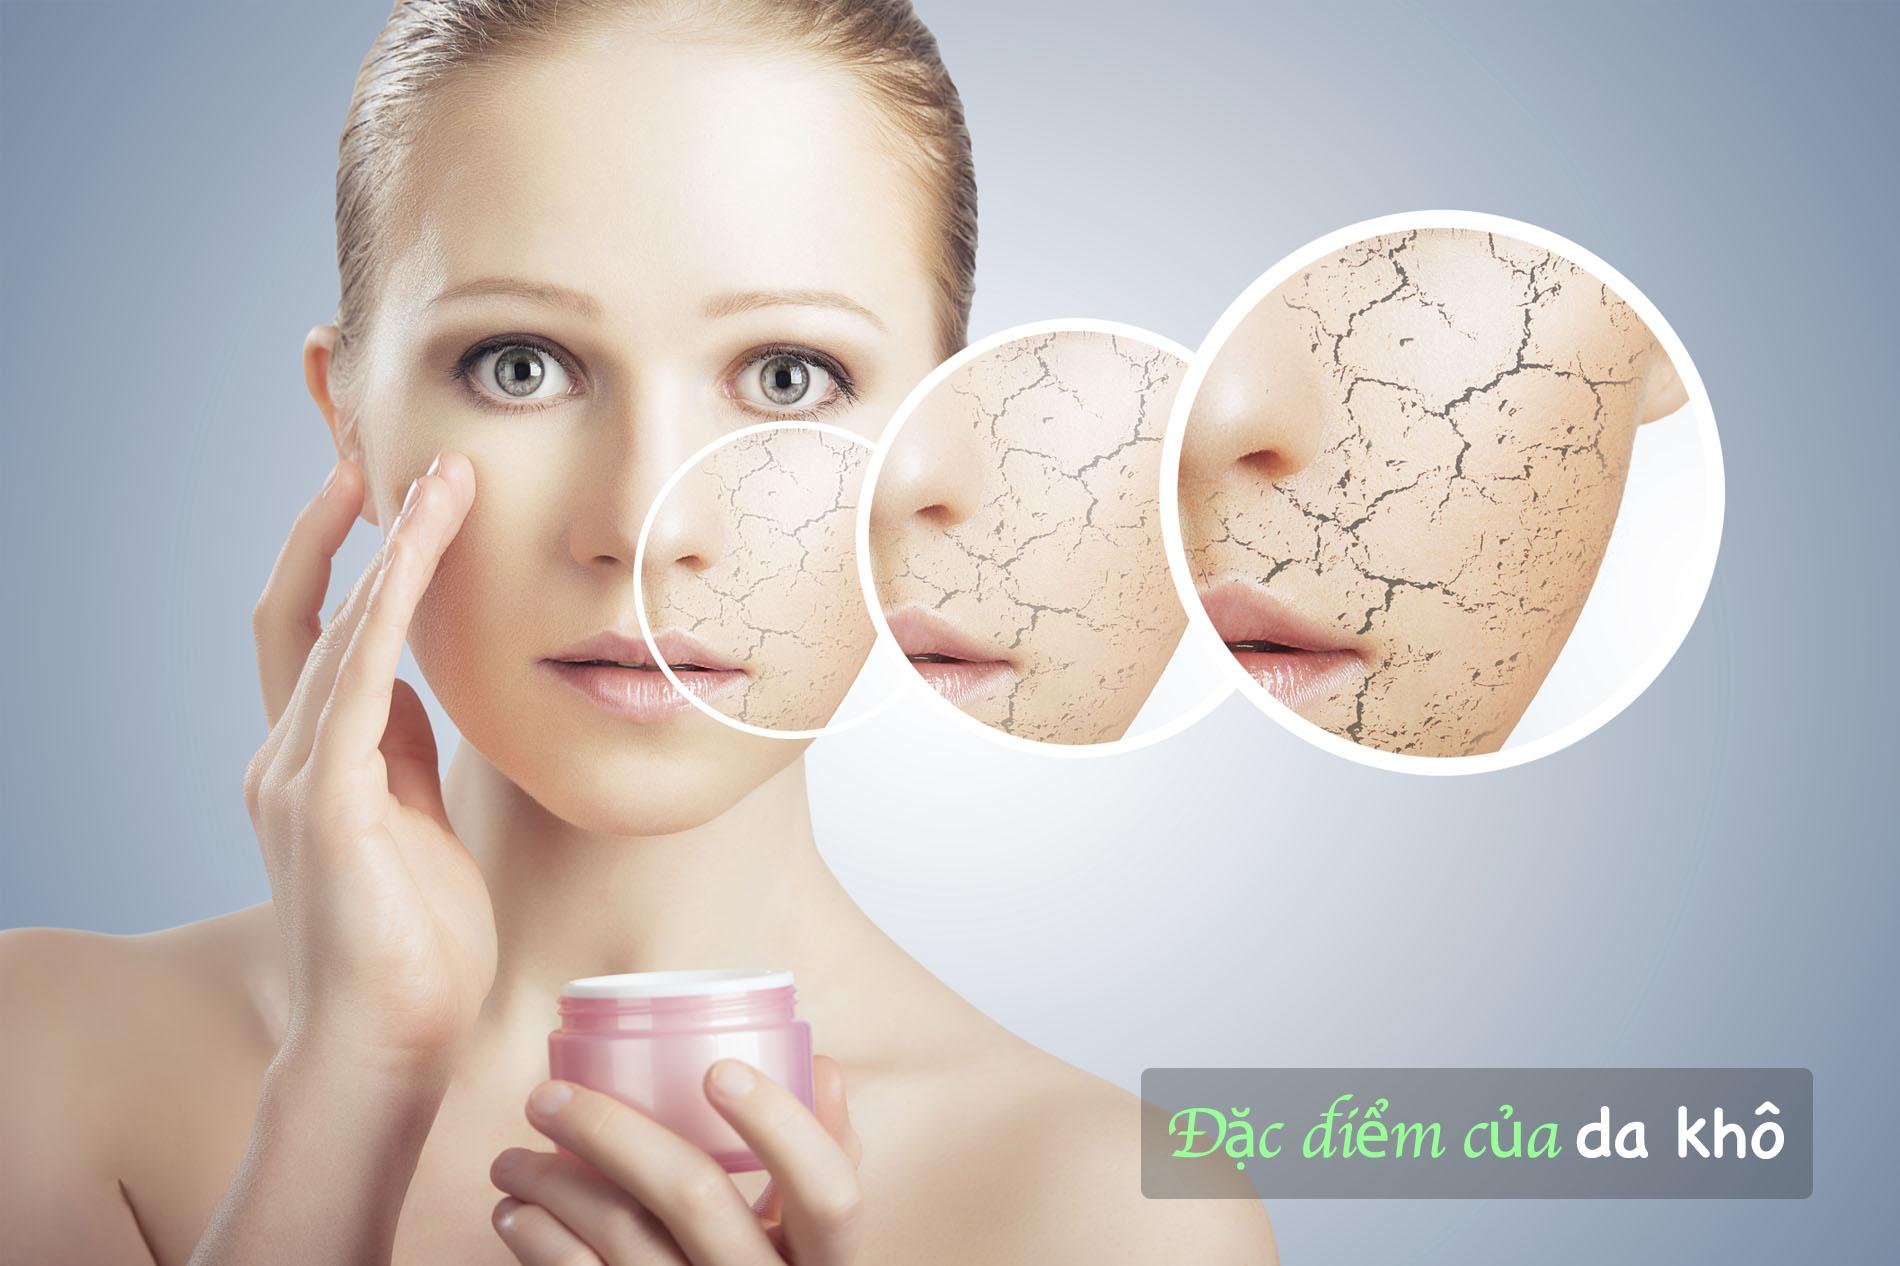 Đặc điểm của làn da khô